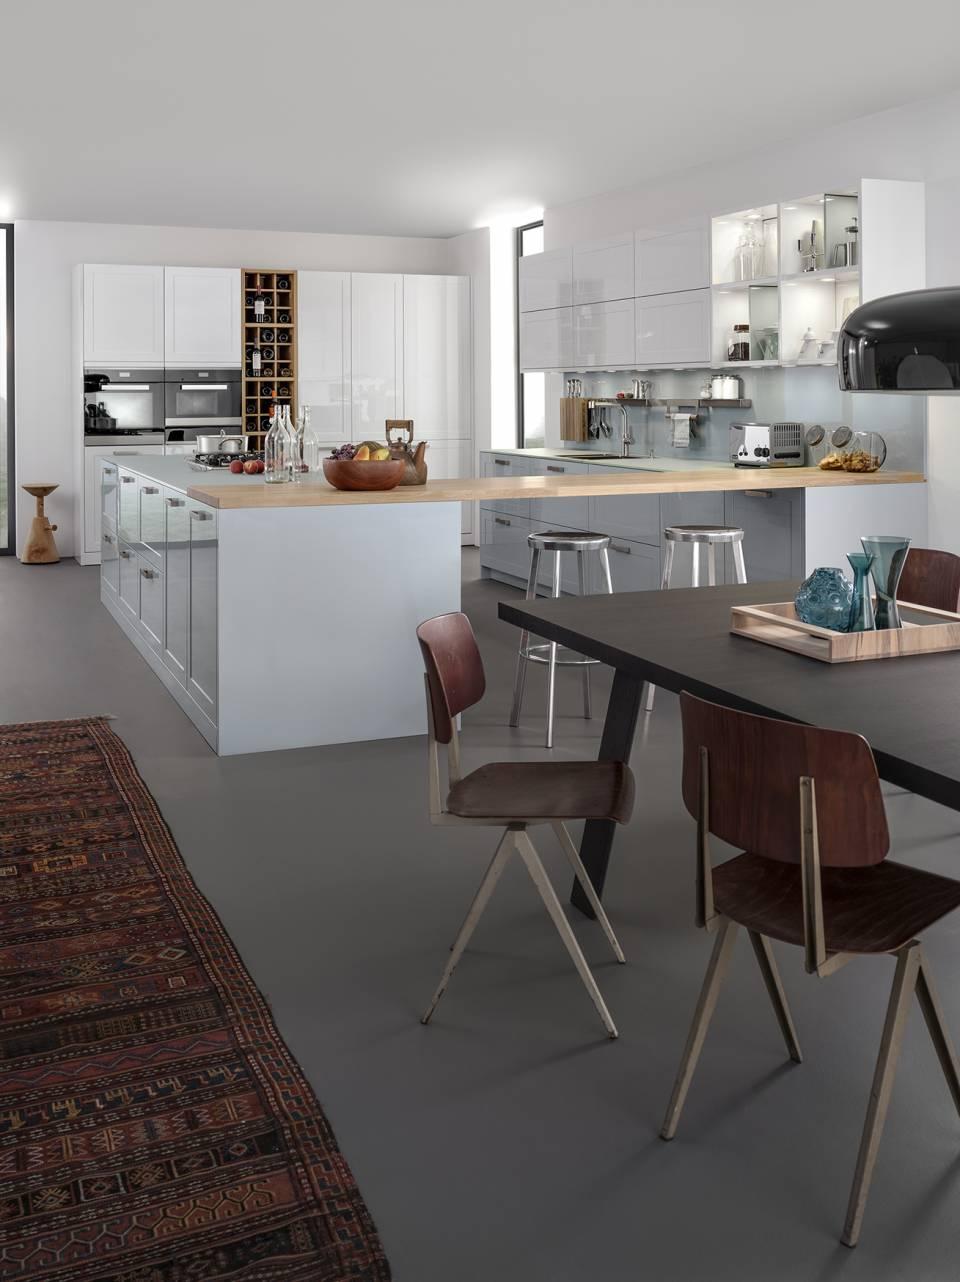 Moderne Küchengestaltung mit klassischen, hochglänzend lackierten Rahmenfronten in zwei Farben: Die matte Glasarbeitsplatte sowie das Weinregal in Eiche setzen dazu Kontrapunkte. Fotos: AMK